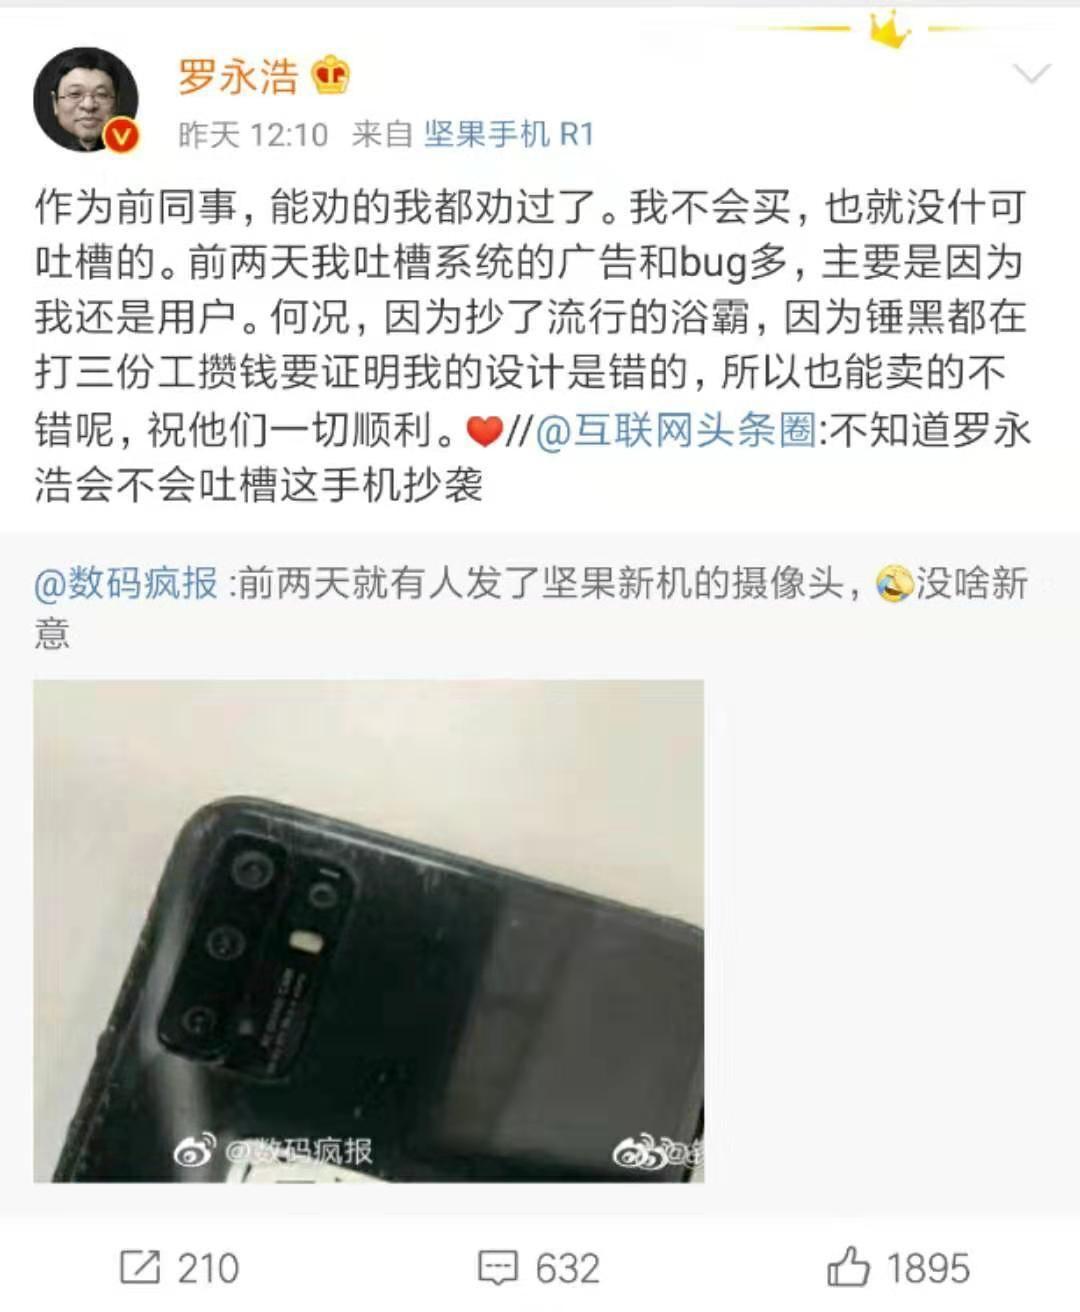 淘宝回应下架火箭队商品;新 AirPods 渲染图曝光-郑州网站建设